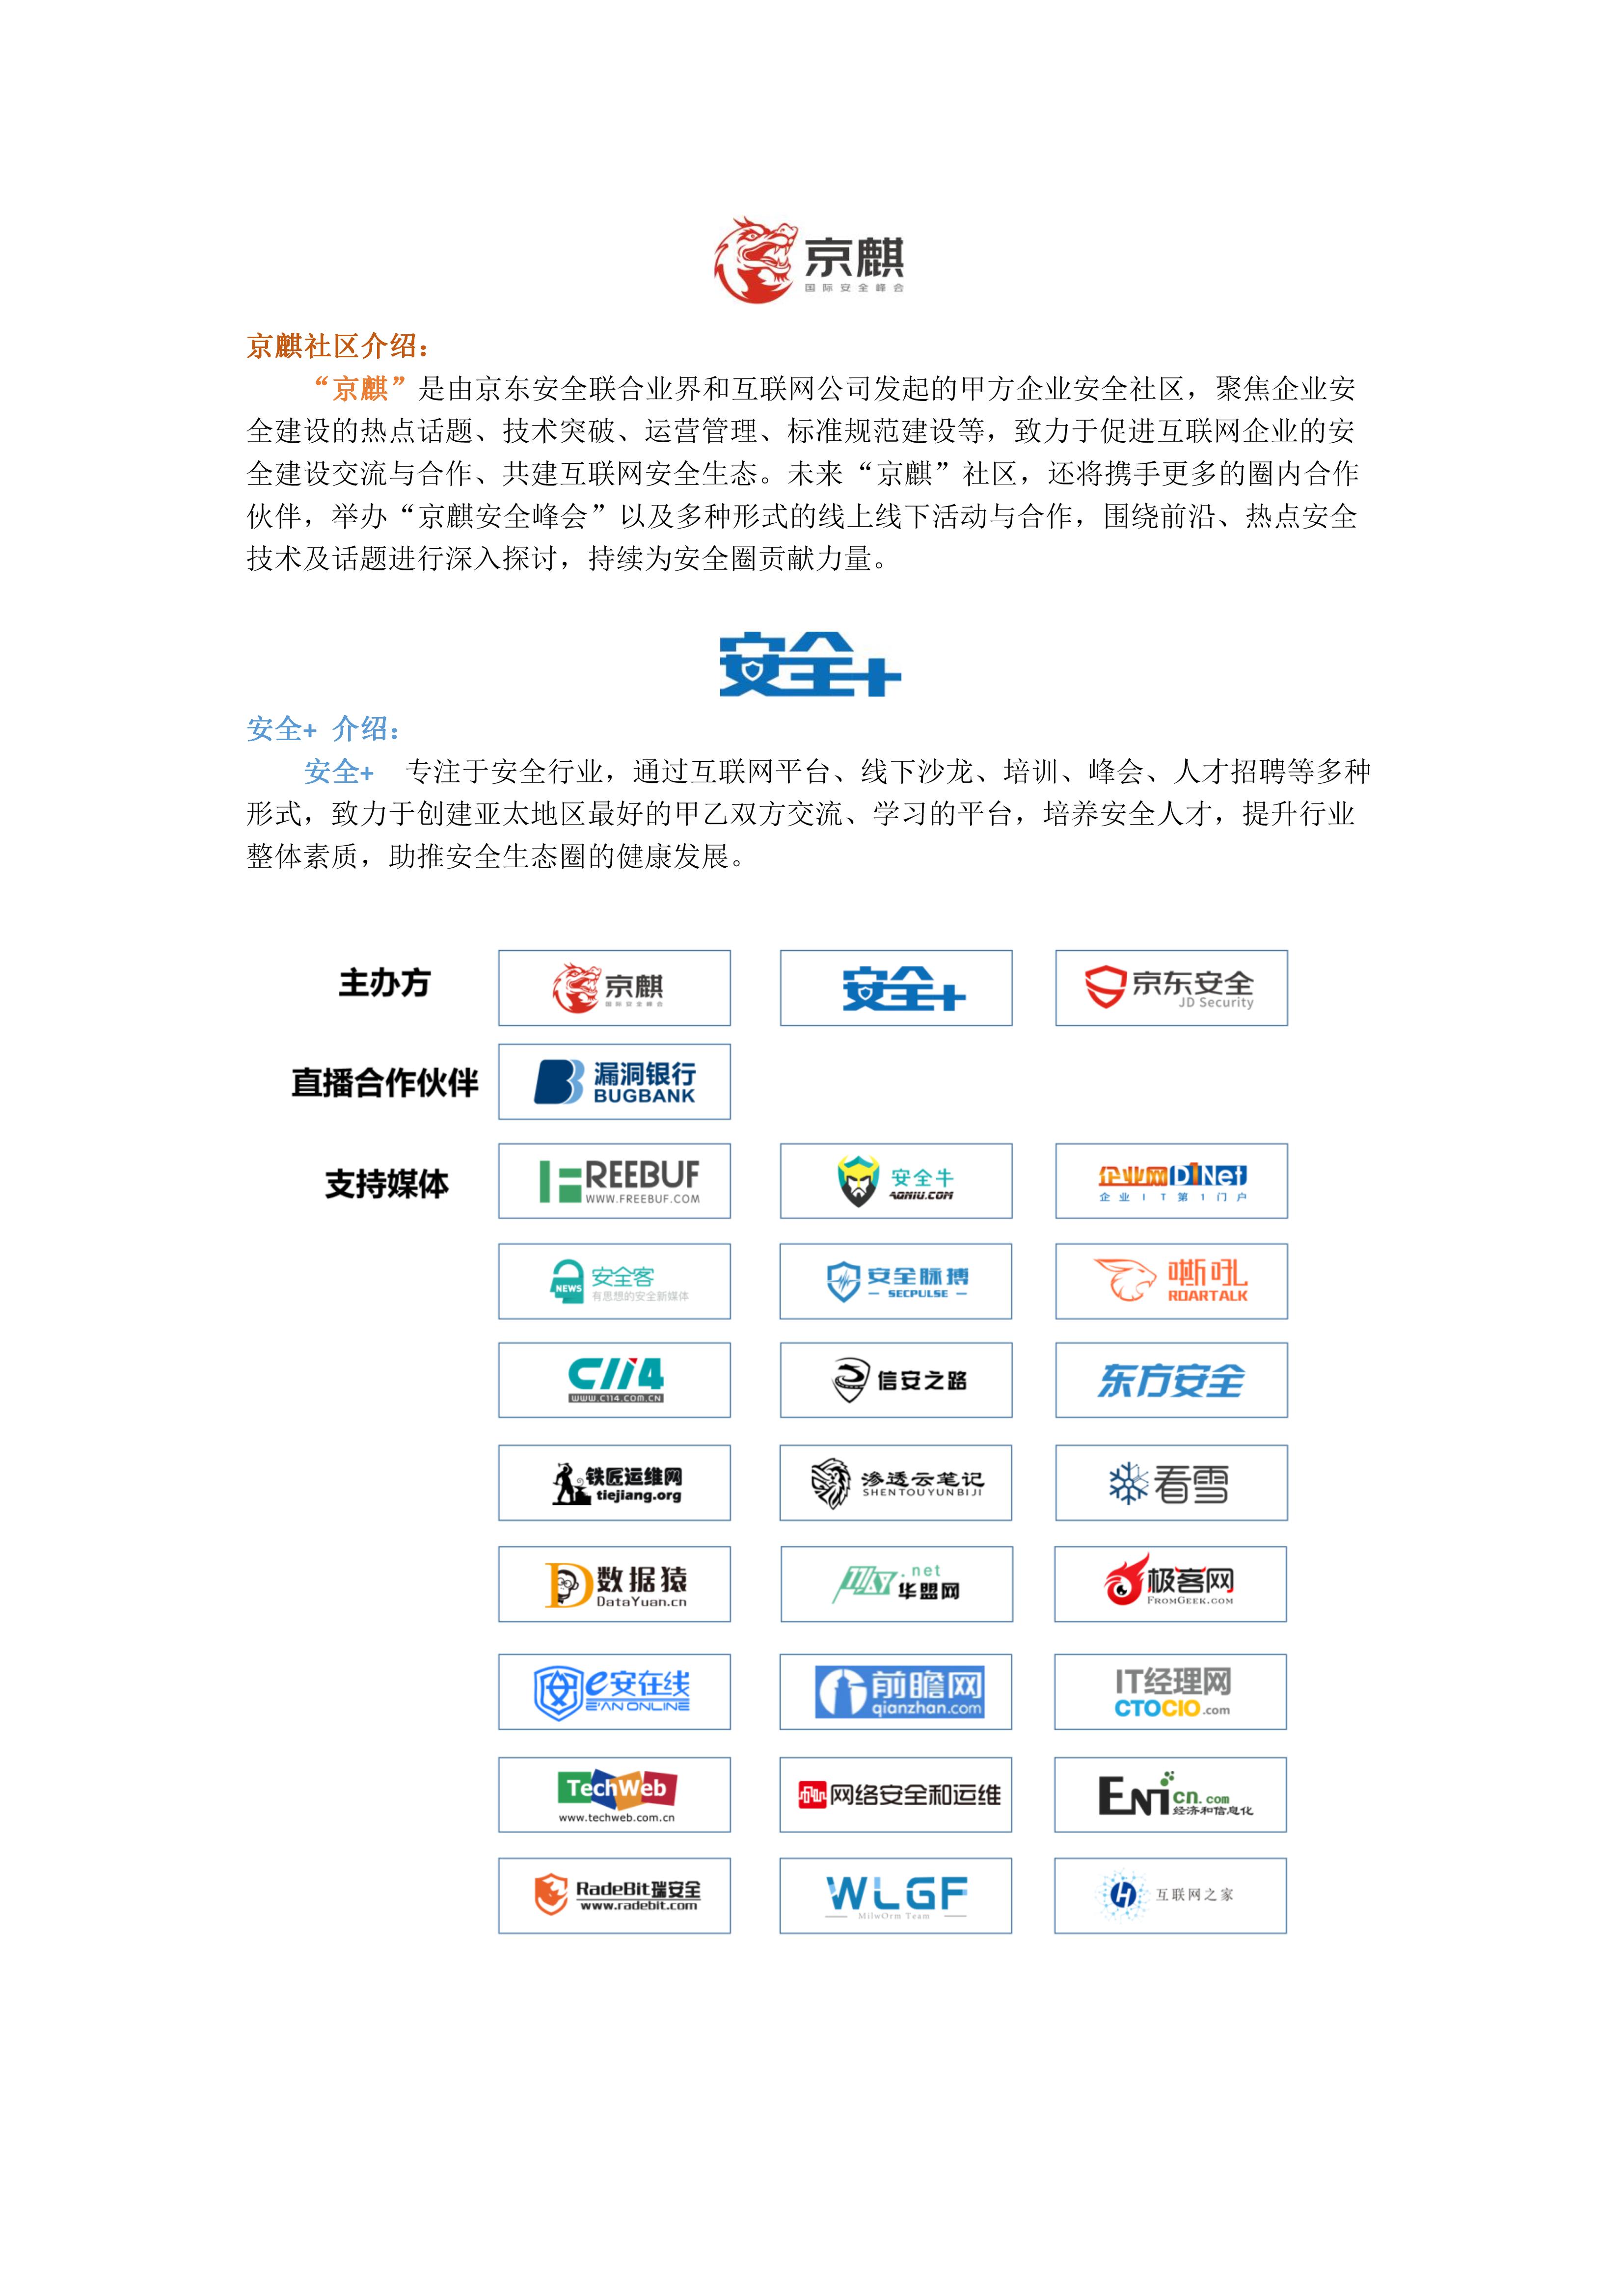 京麒&安全+ 企业安全沙龙:《零信任框架下的企业远程办公防护》开启报名!-RadeBit瑞安全